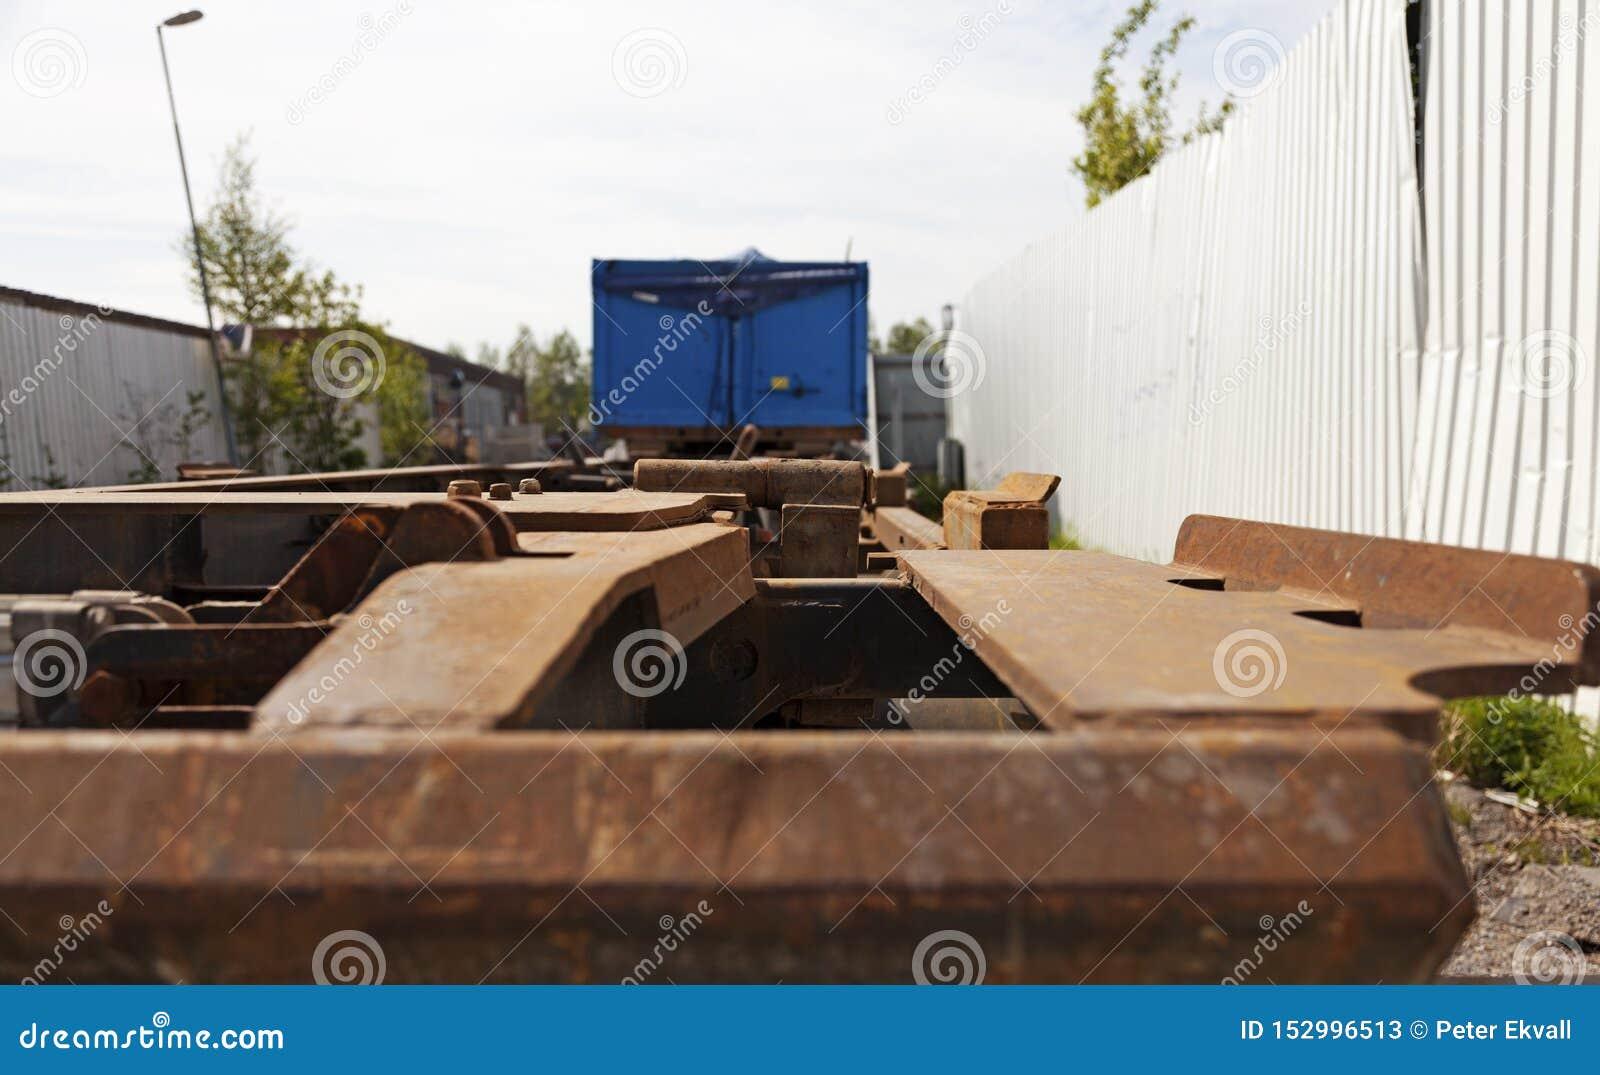 Från baksidan av en lång lastbil utan en påfyllning